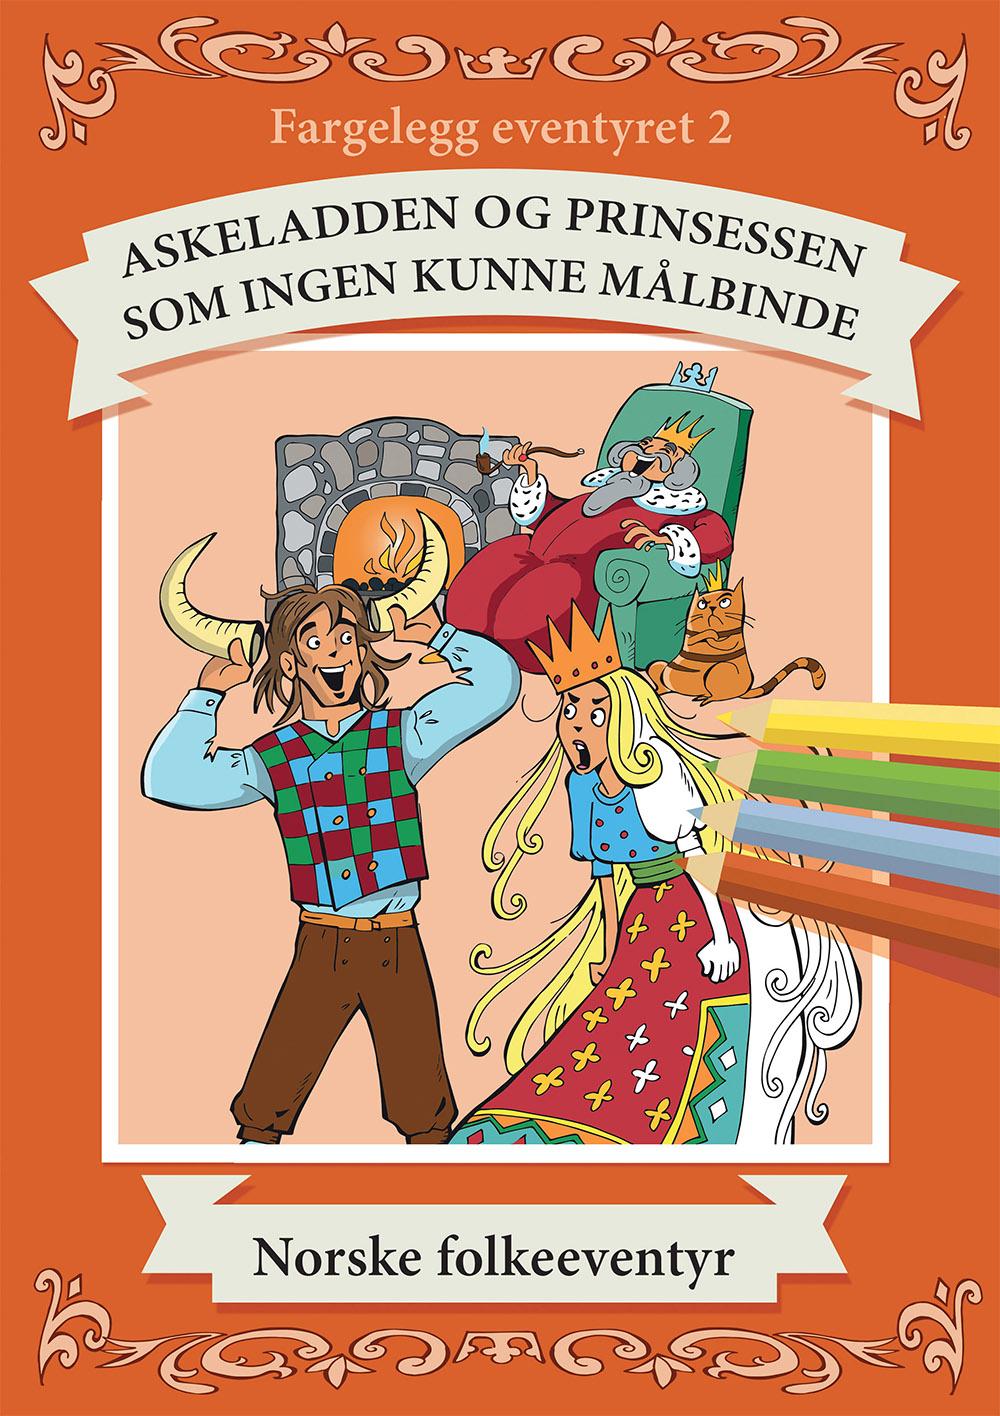 Fargeleggingsbok, illustrasjon